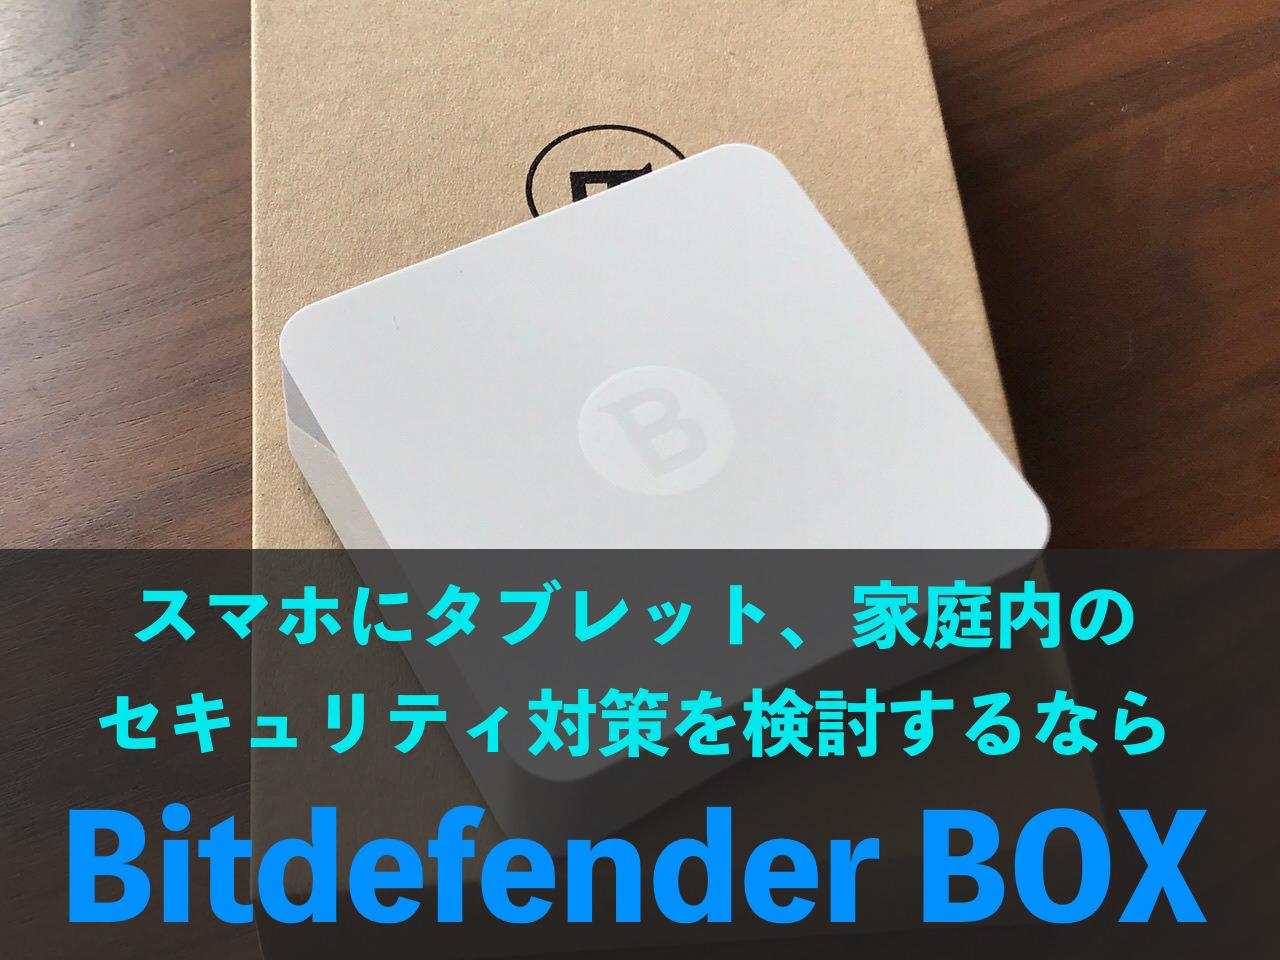 ネットワークにセキュリティ対策する「Bitdefender BOX」レポート 〜確かに危険が検出された!!【AD】